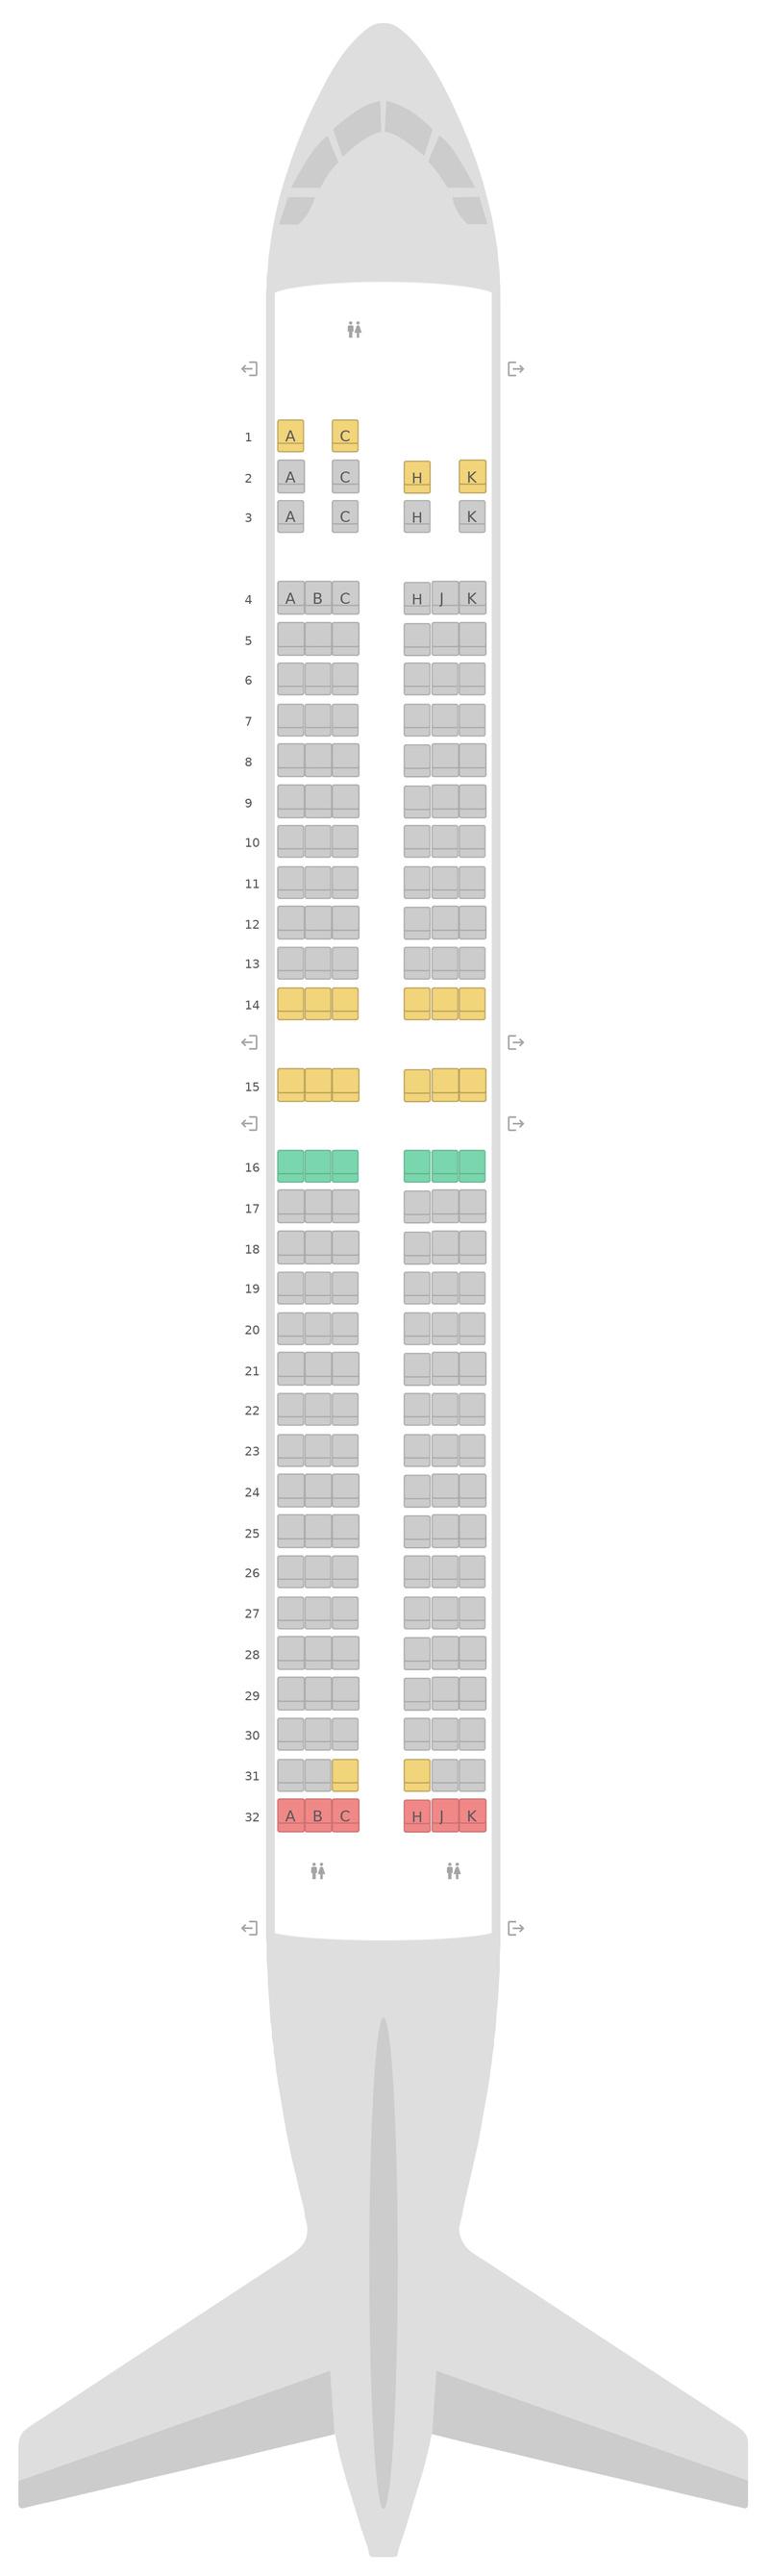 Seat Map Air Transat Boeing 737-800 (738) 2 Class